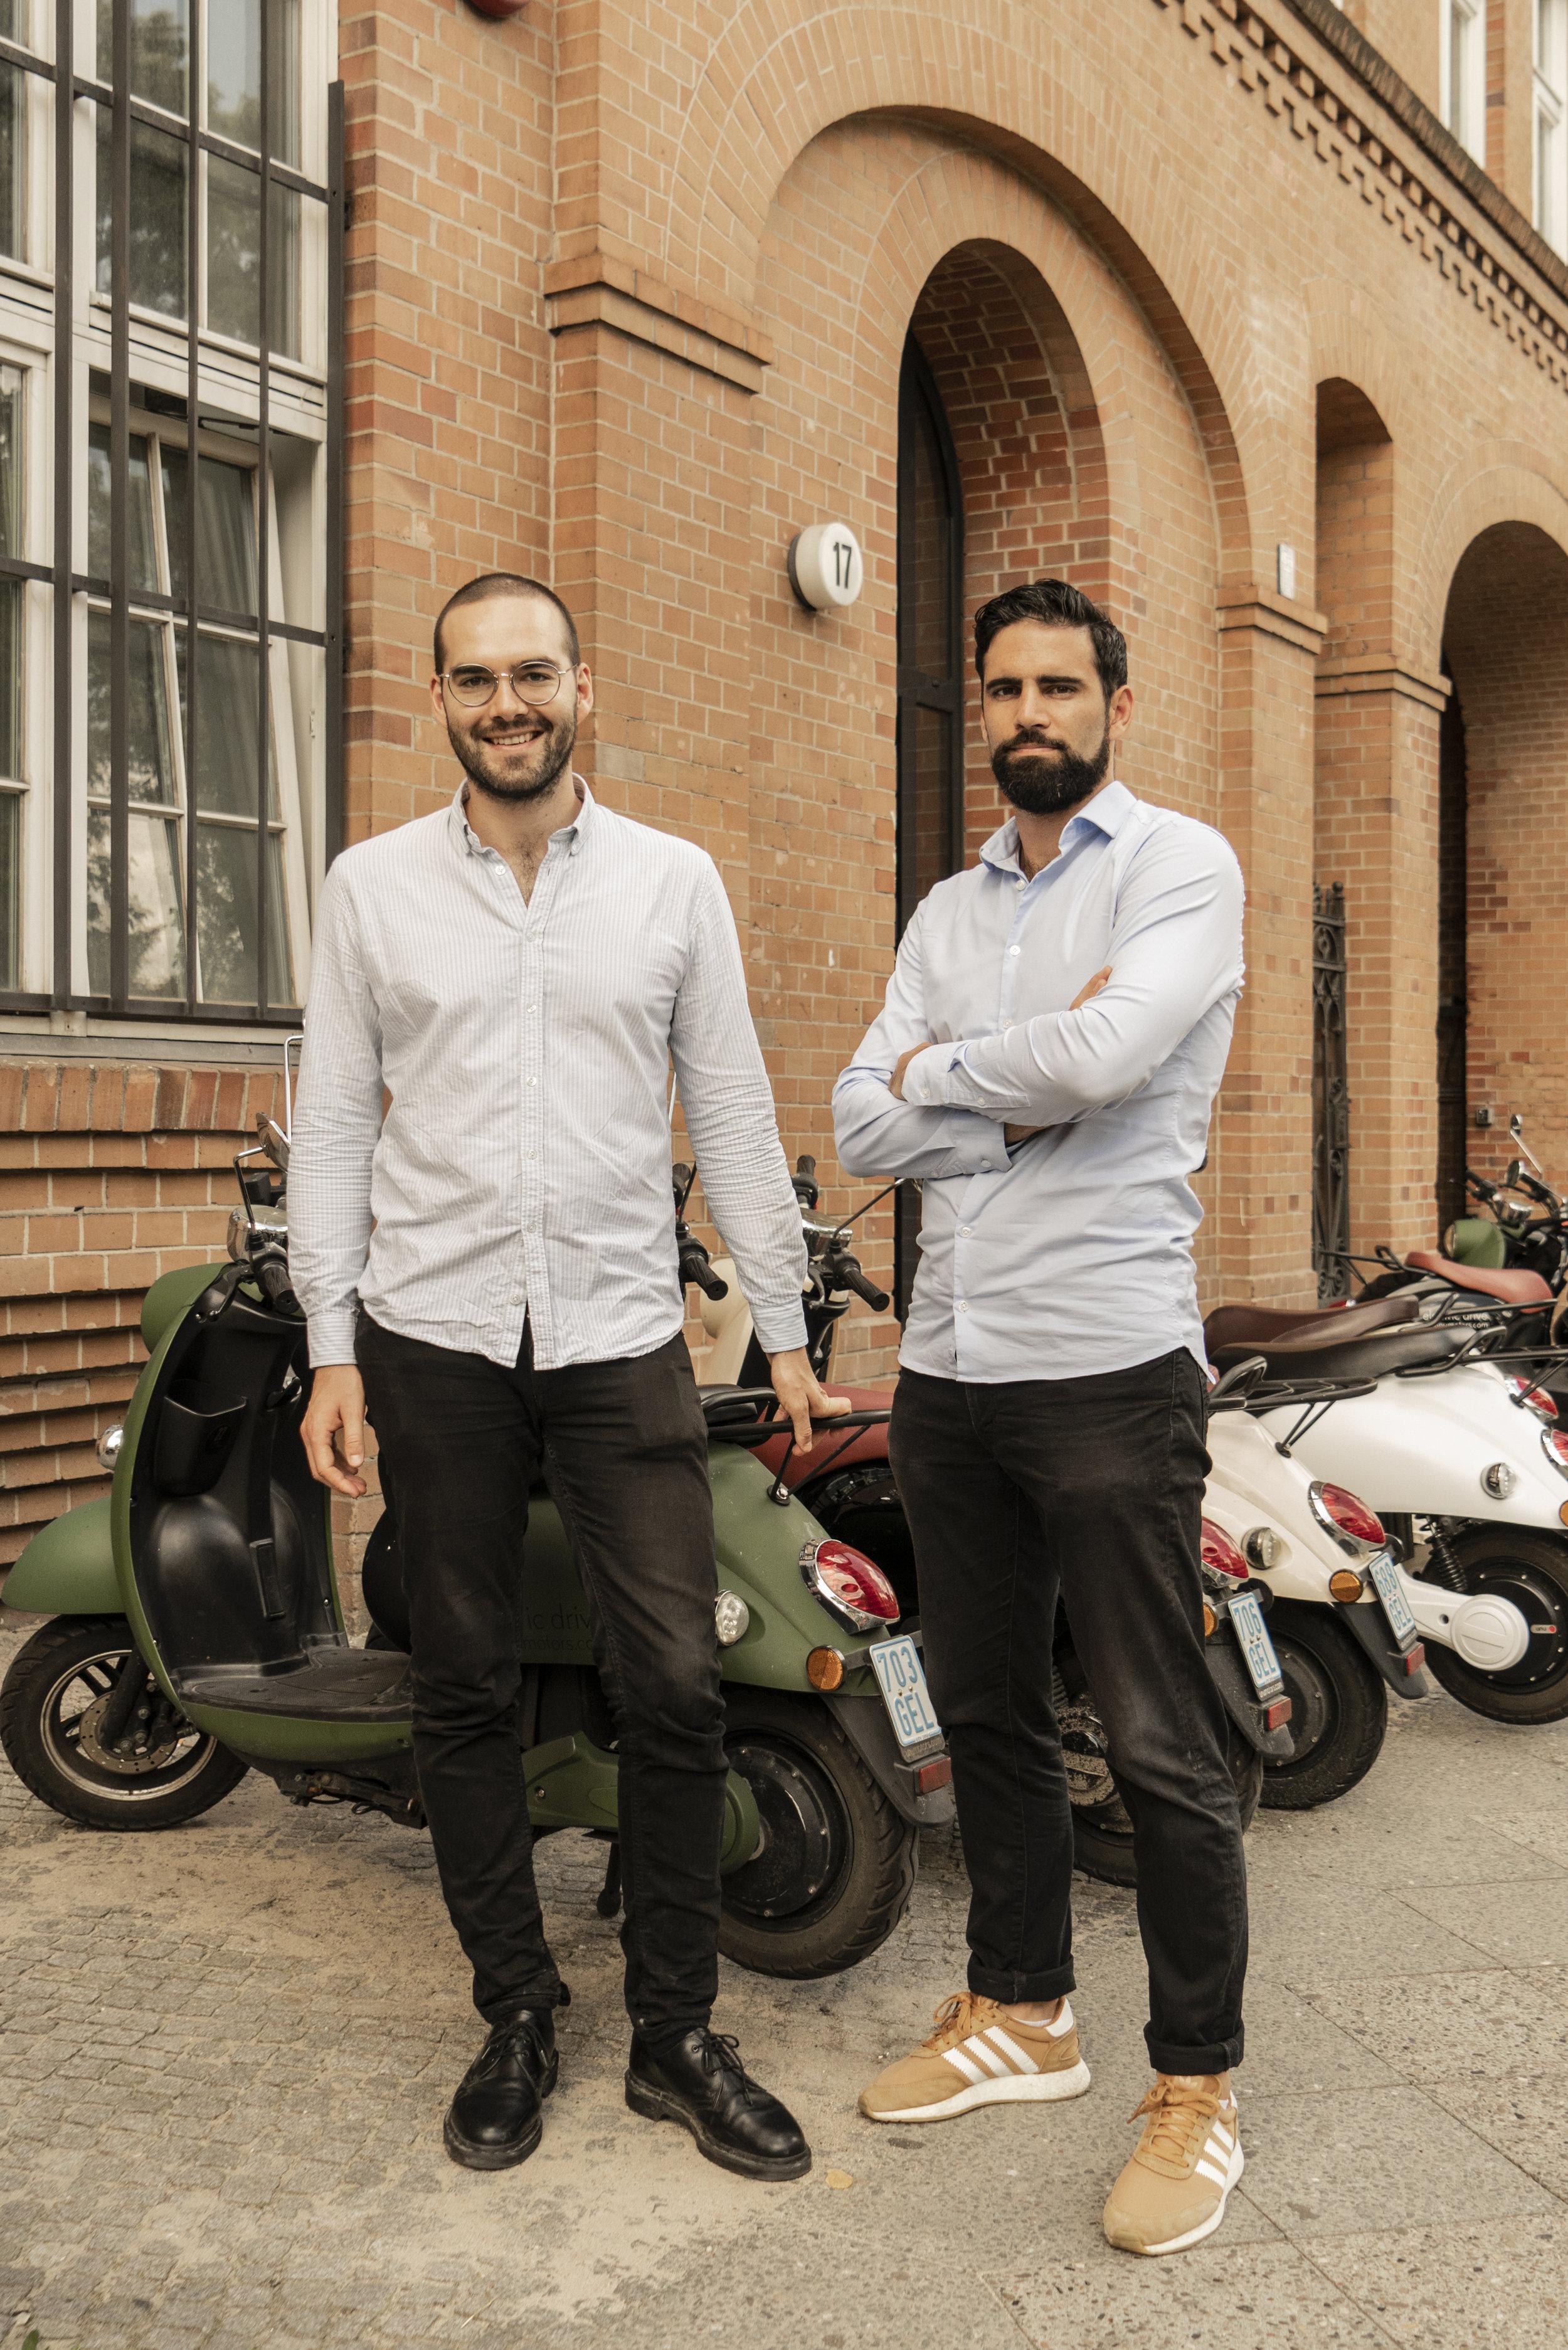 Auch die unu-Gründer Pascal Blum und Mathieu Caudal tragen die Hemden von Labfresh